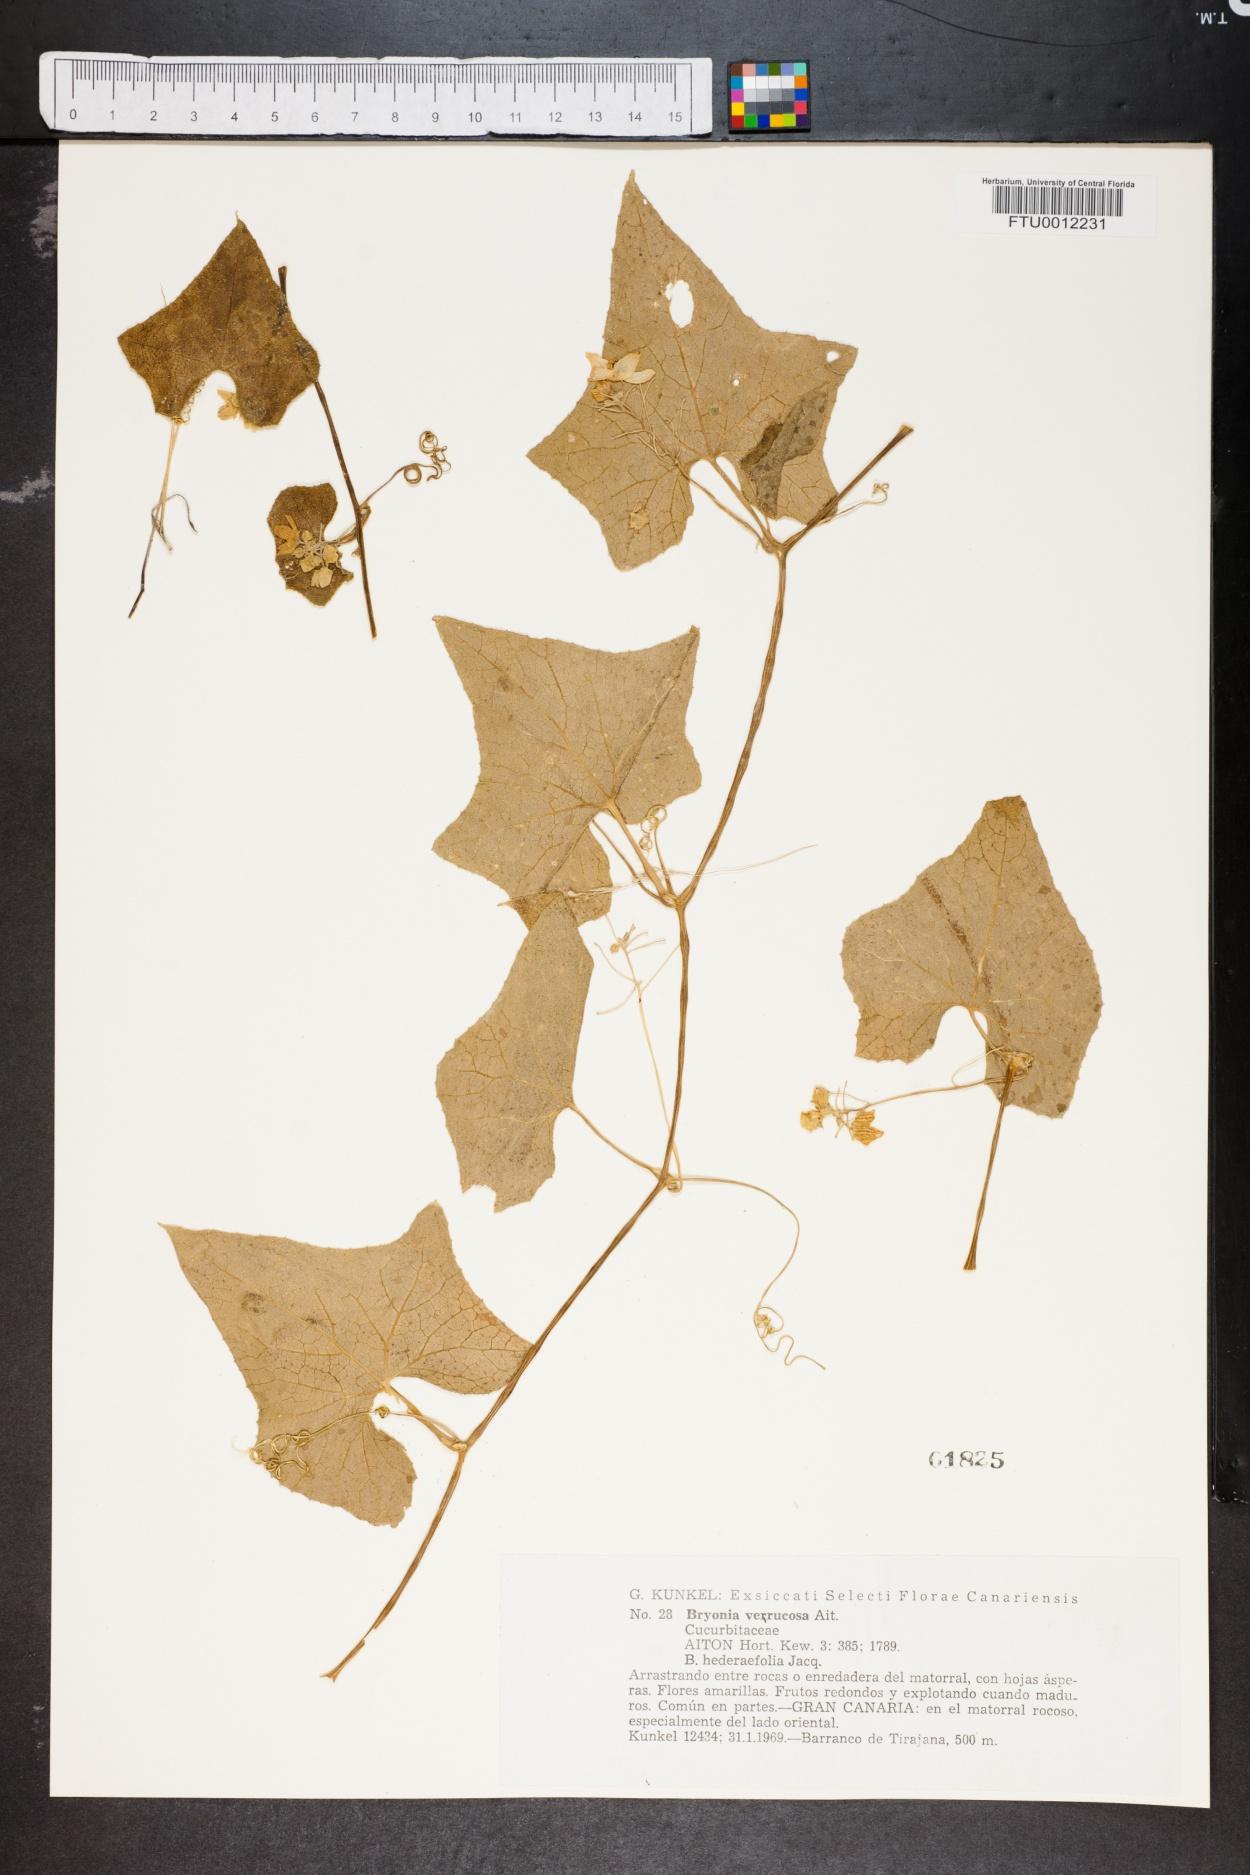 Bryonia verrucosa image